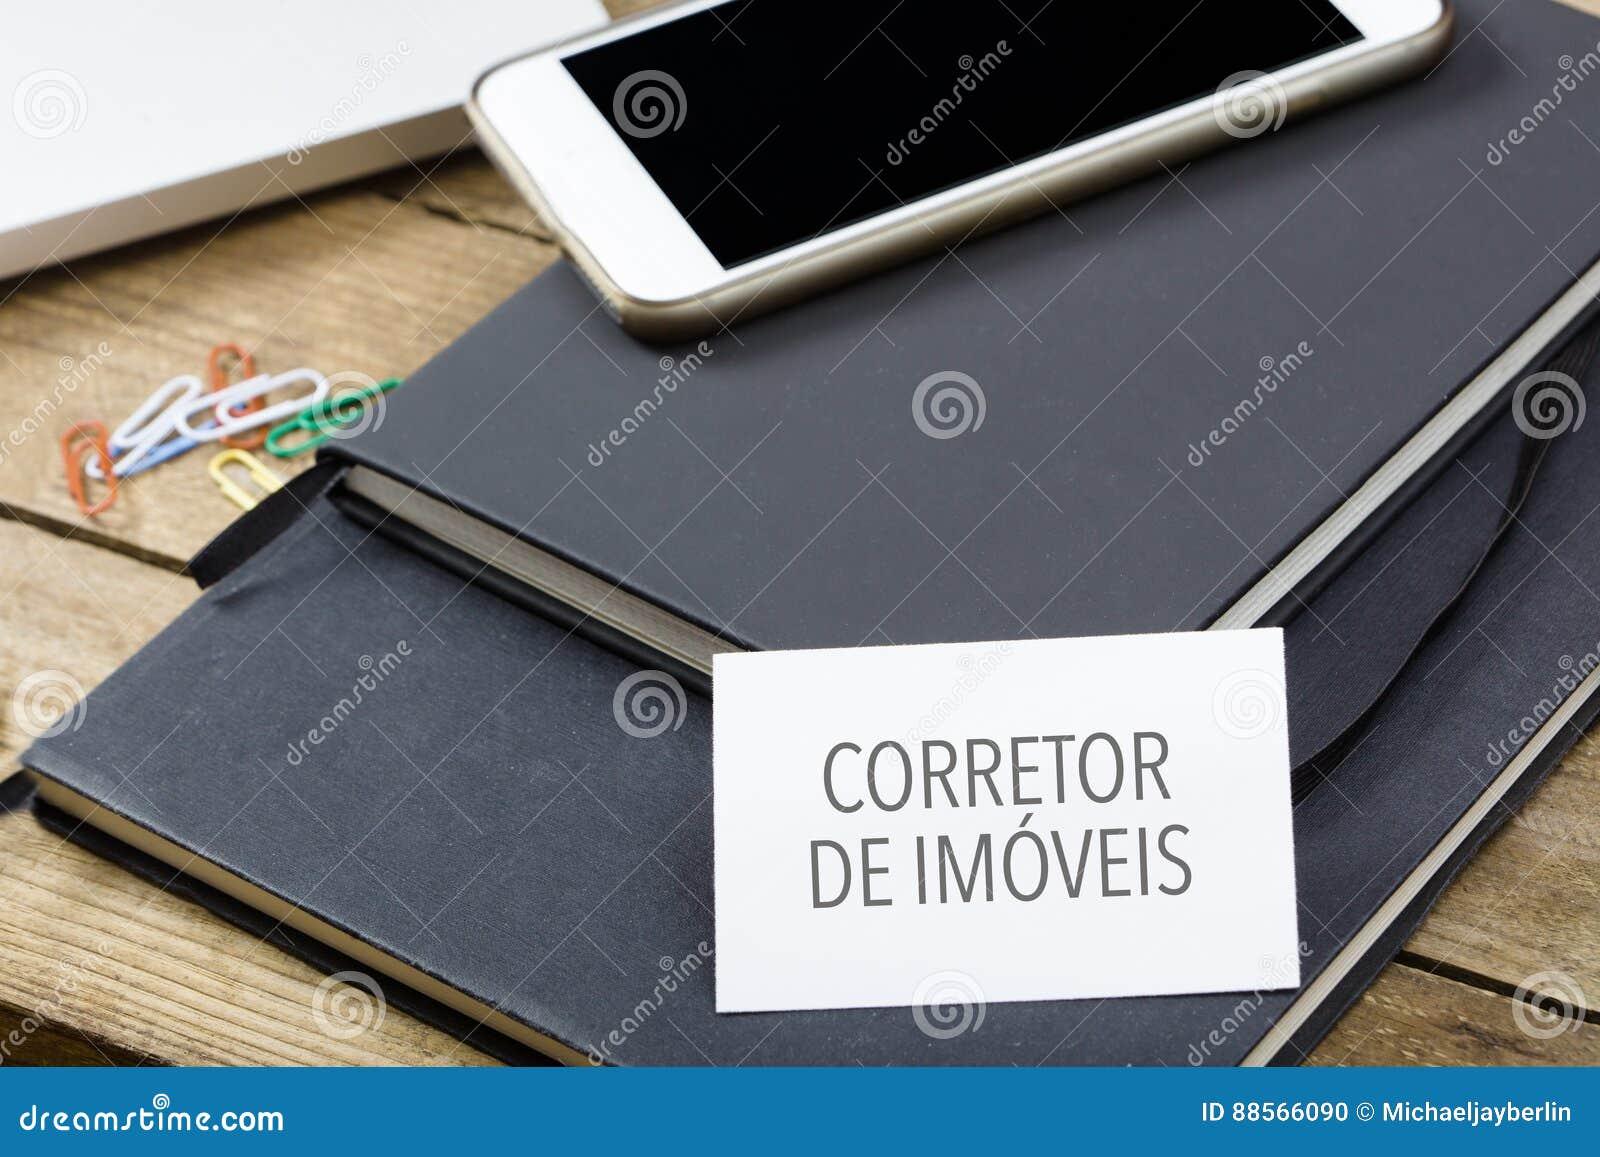 Corretor de imoveis texte portugais pour la carte de visite